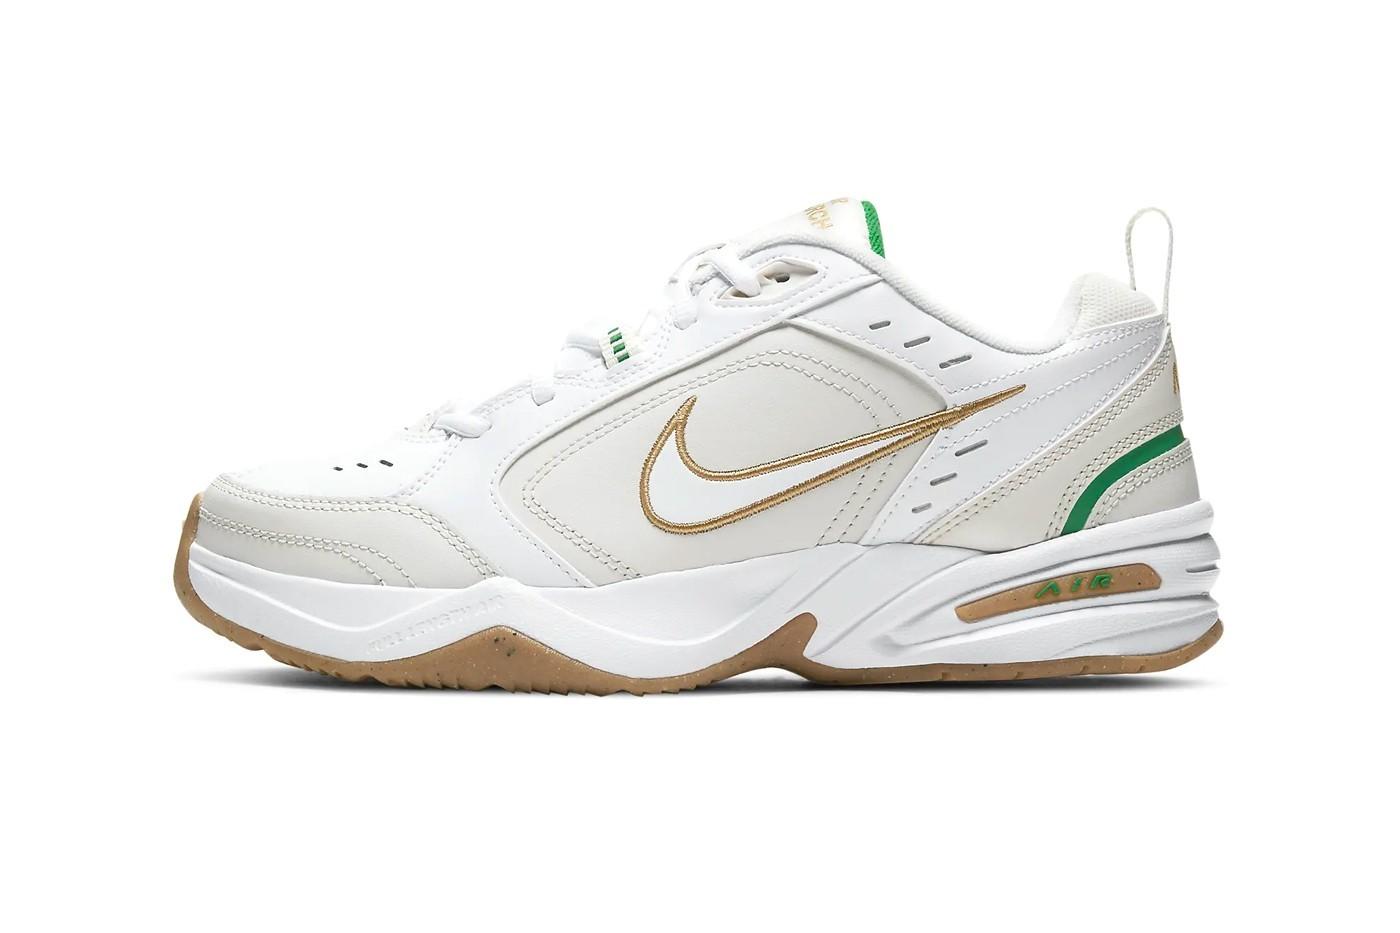 Nike Air Monarch IV采用柔滑幻影灰配色